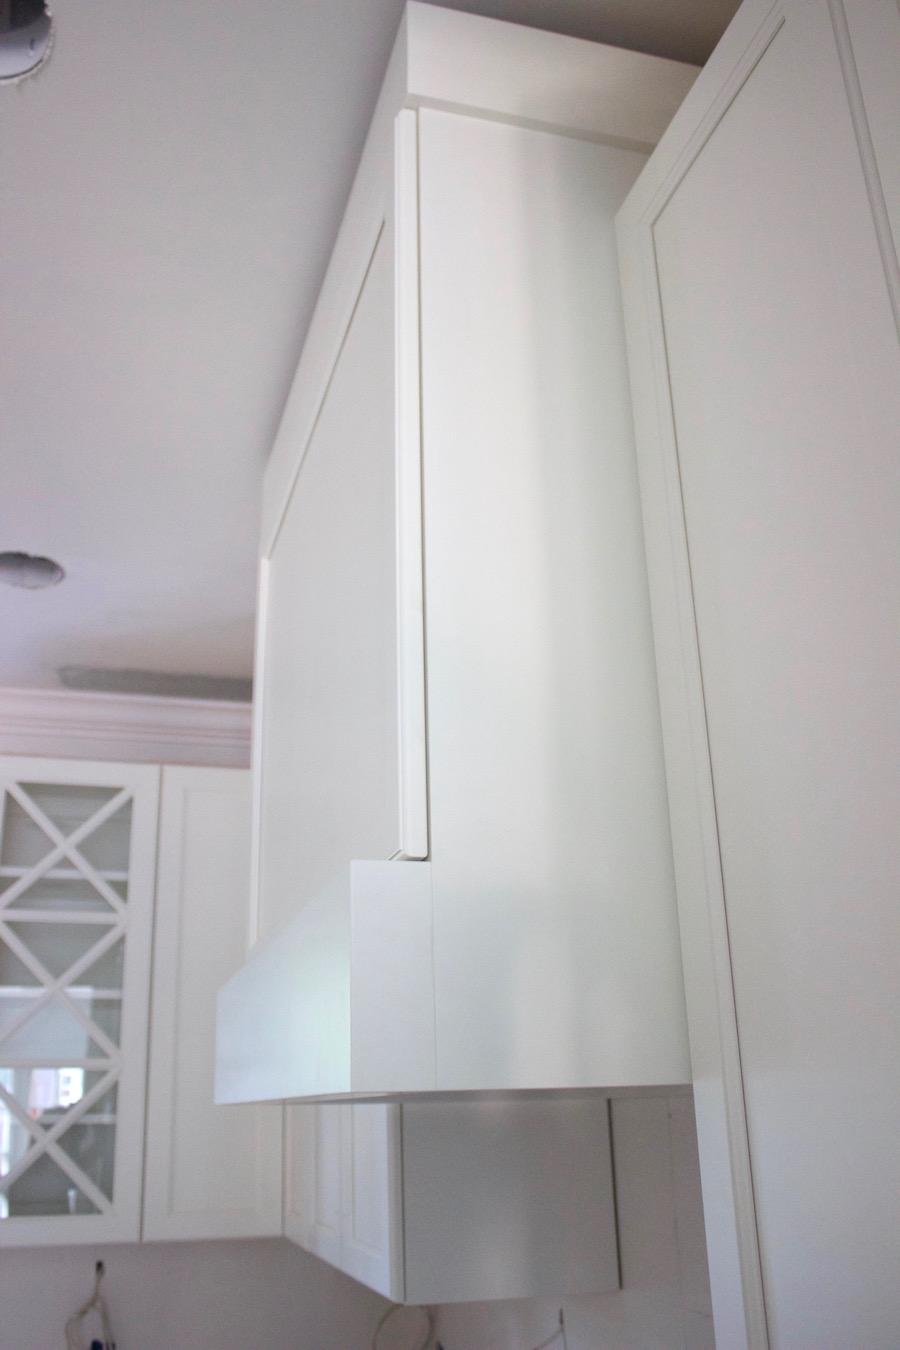 bluedoorliving-renovation-kitchen-progress-6.jpg